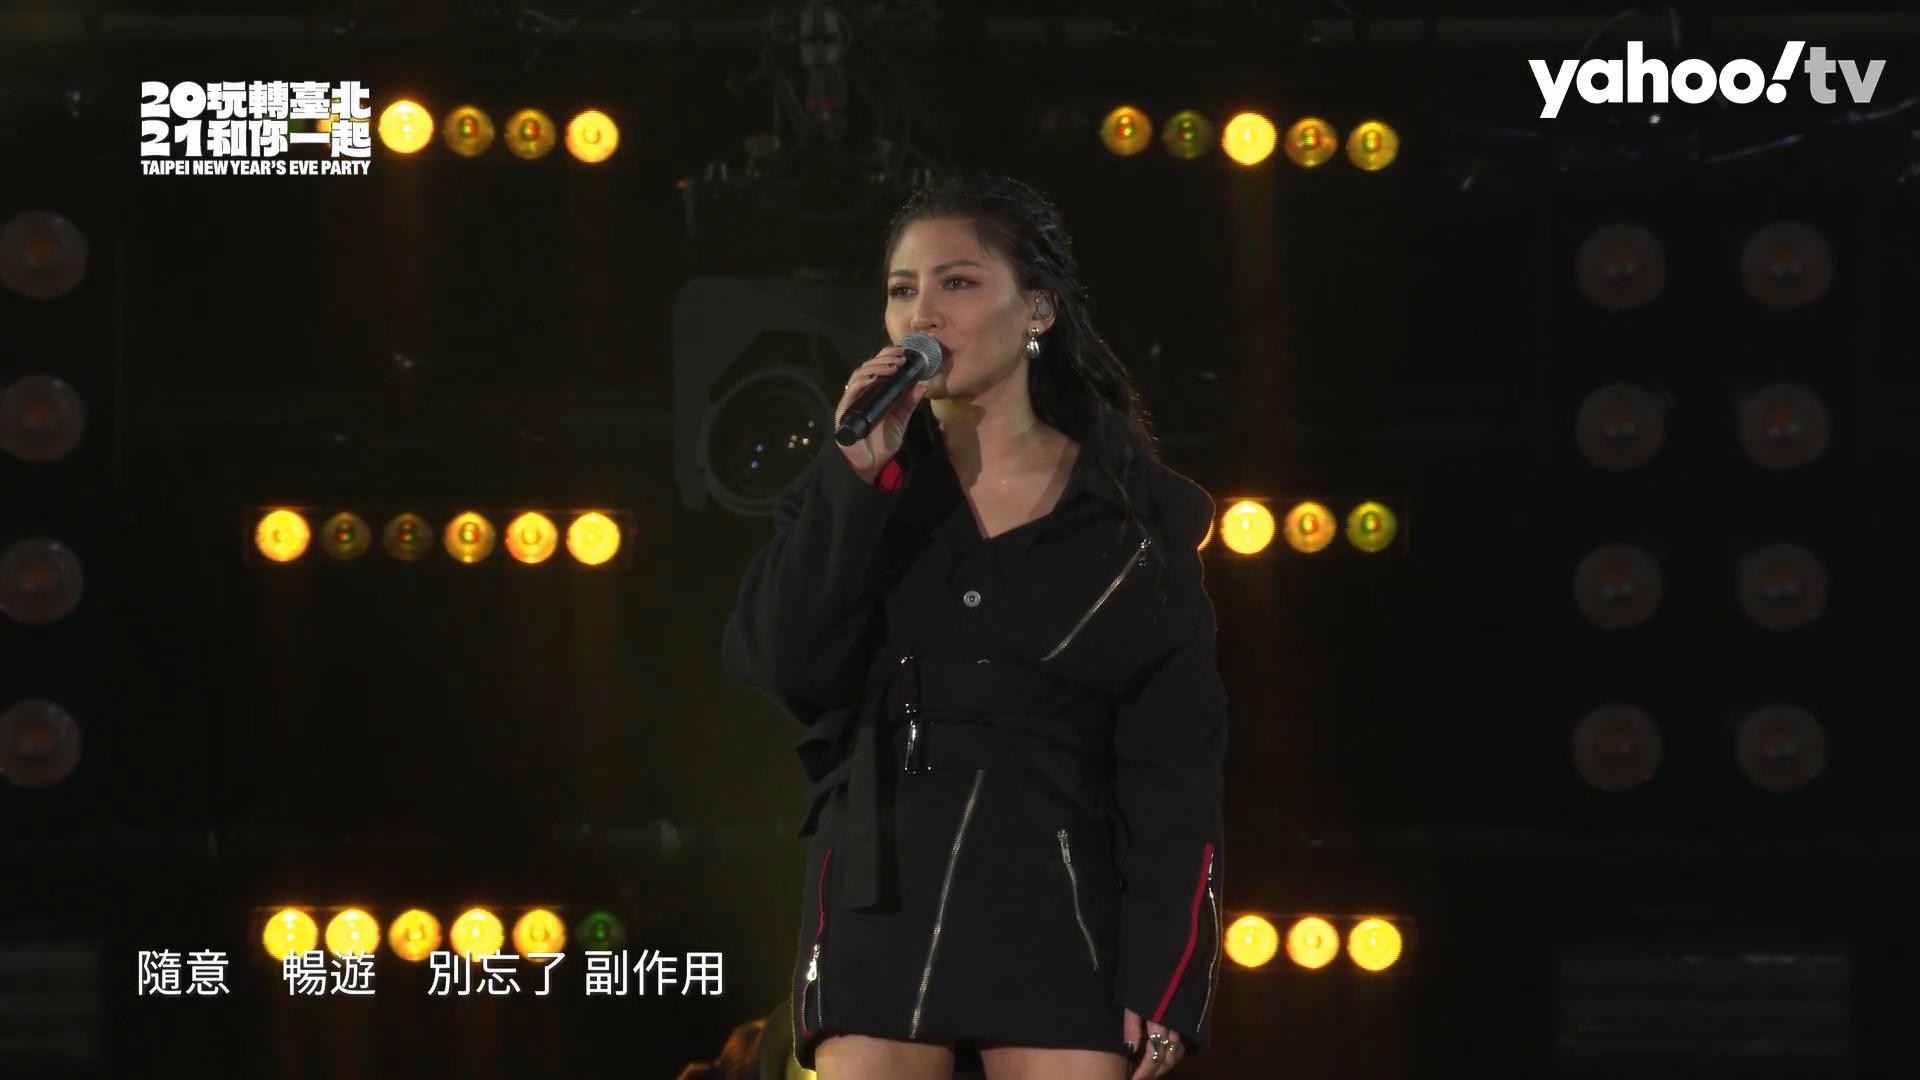 艾怡良〈萊特兄弟有罪〉+TALK+〈我這個人〉-2021臺北最HIGH新年城跨年晚會